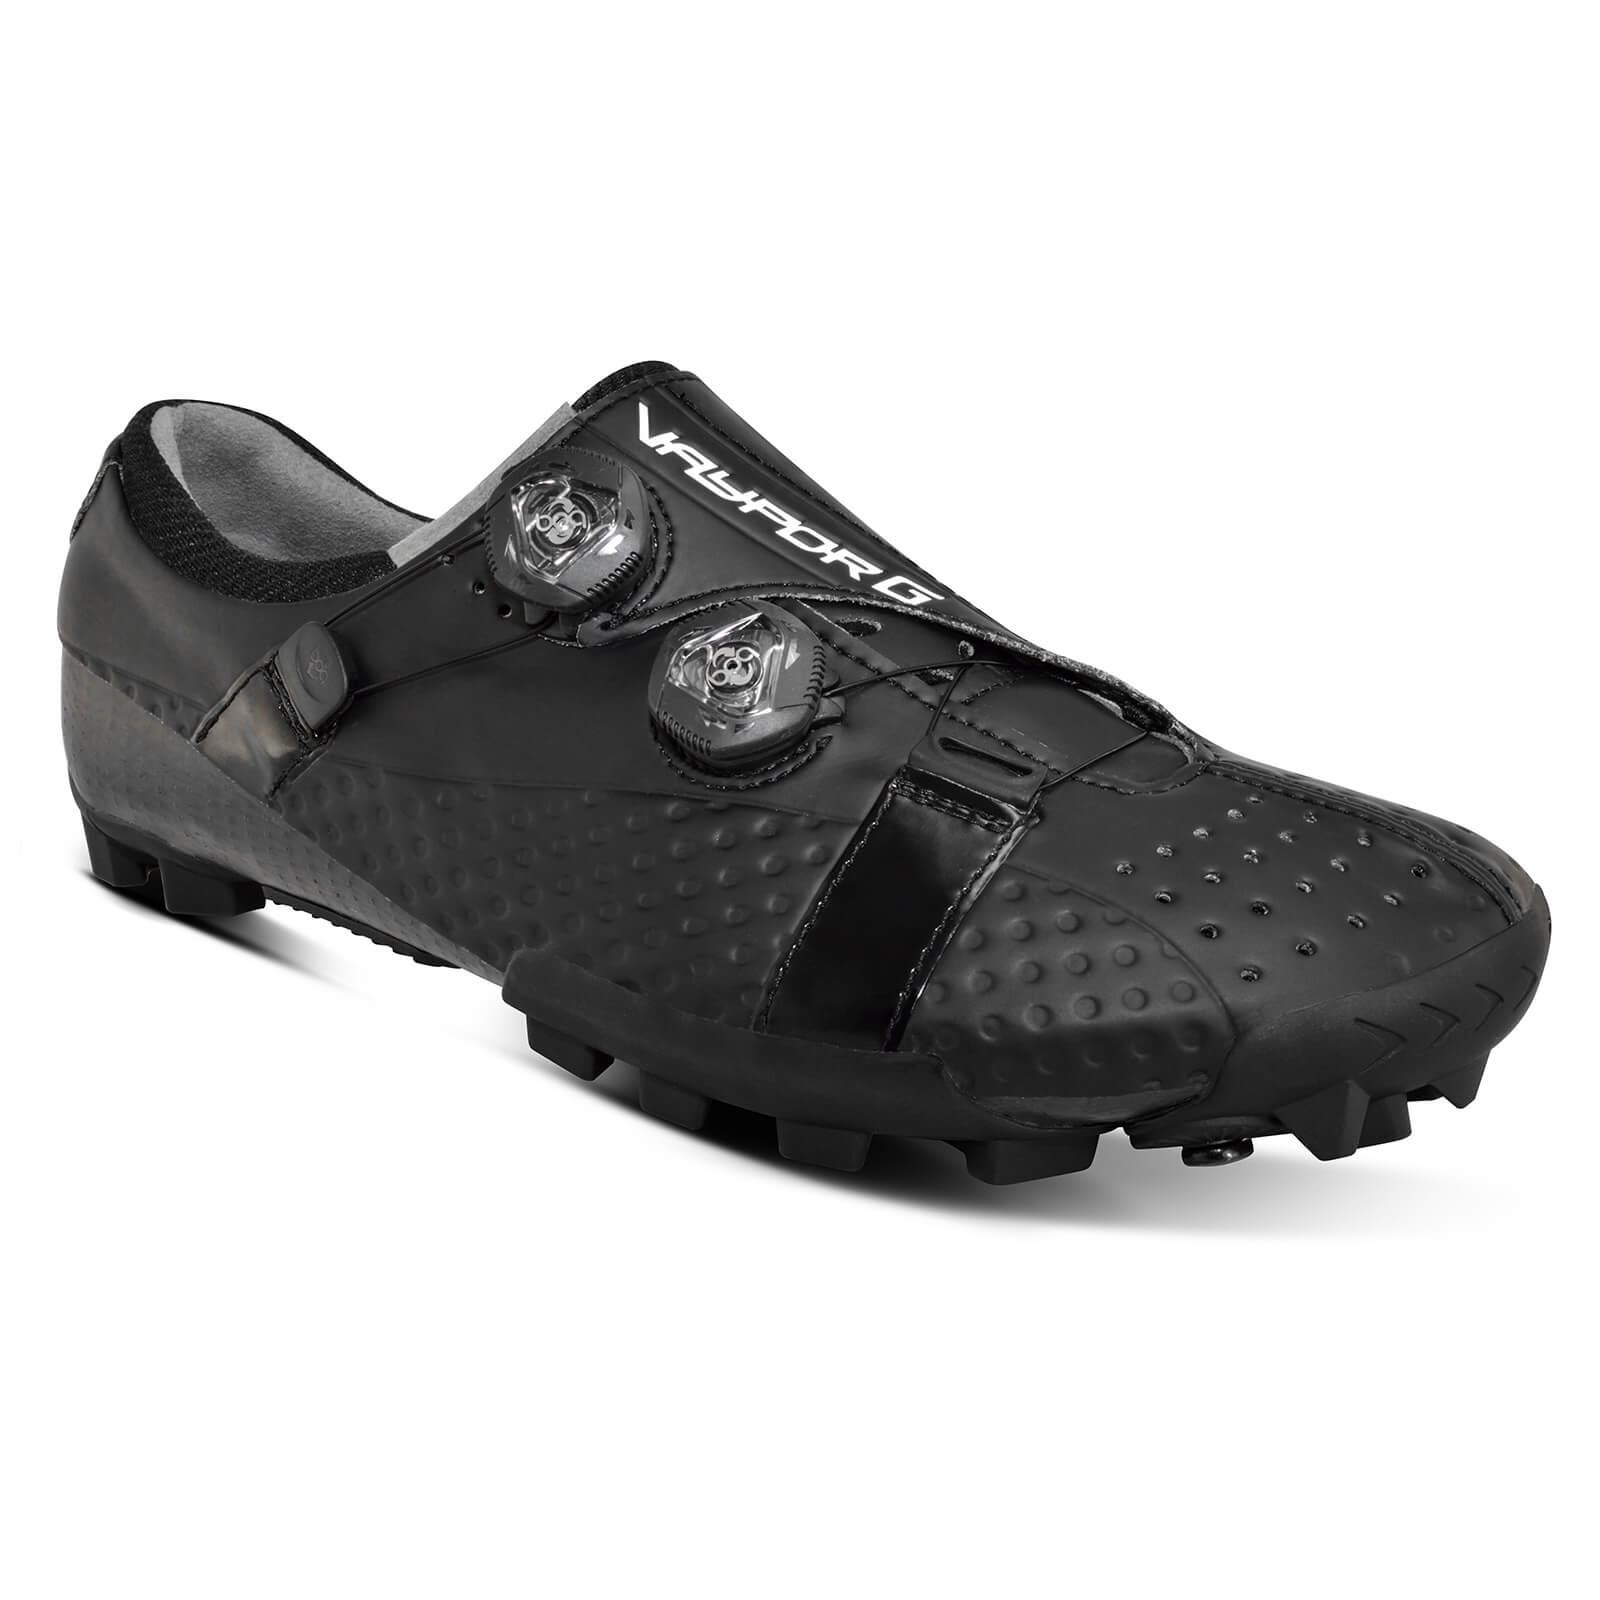 Bont Vaypor G Road Shoes - EU 42 - Black